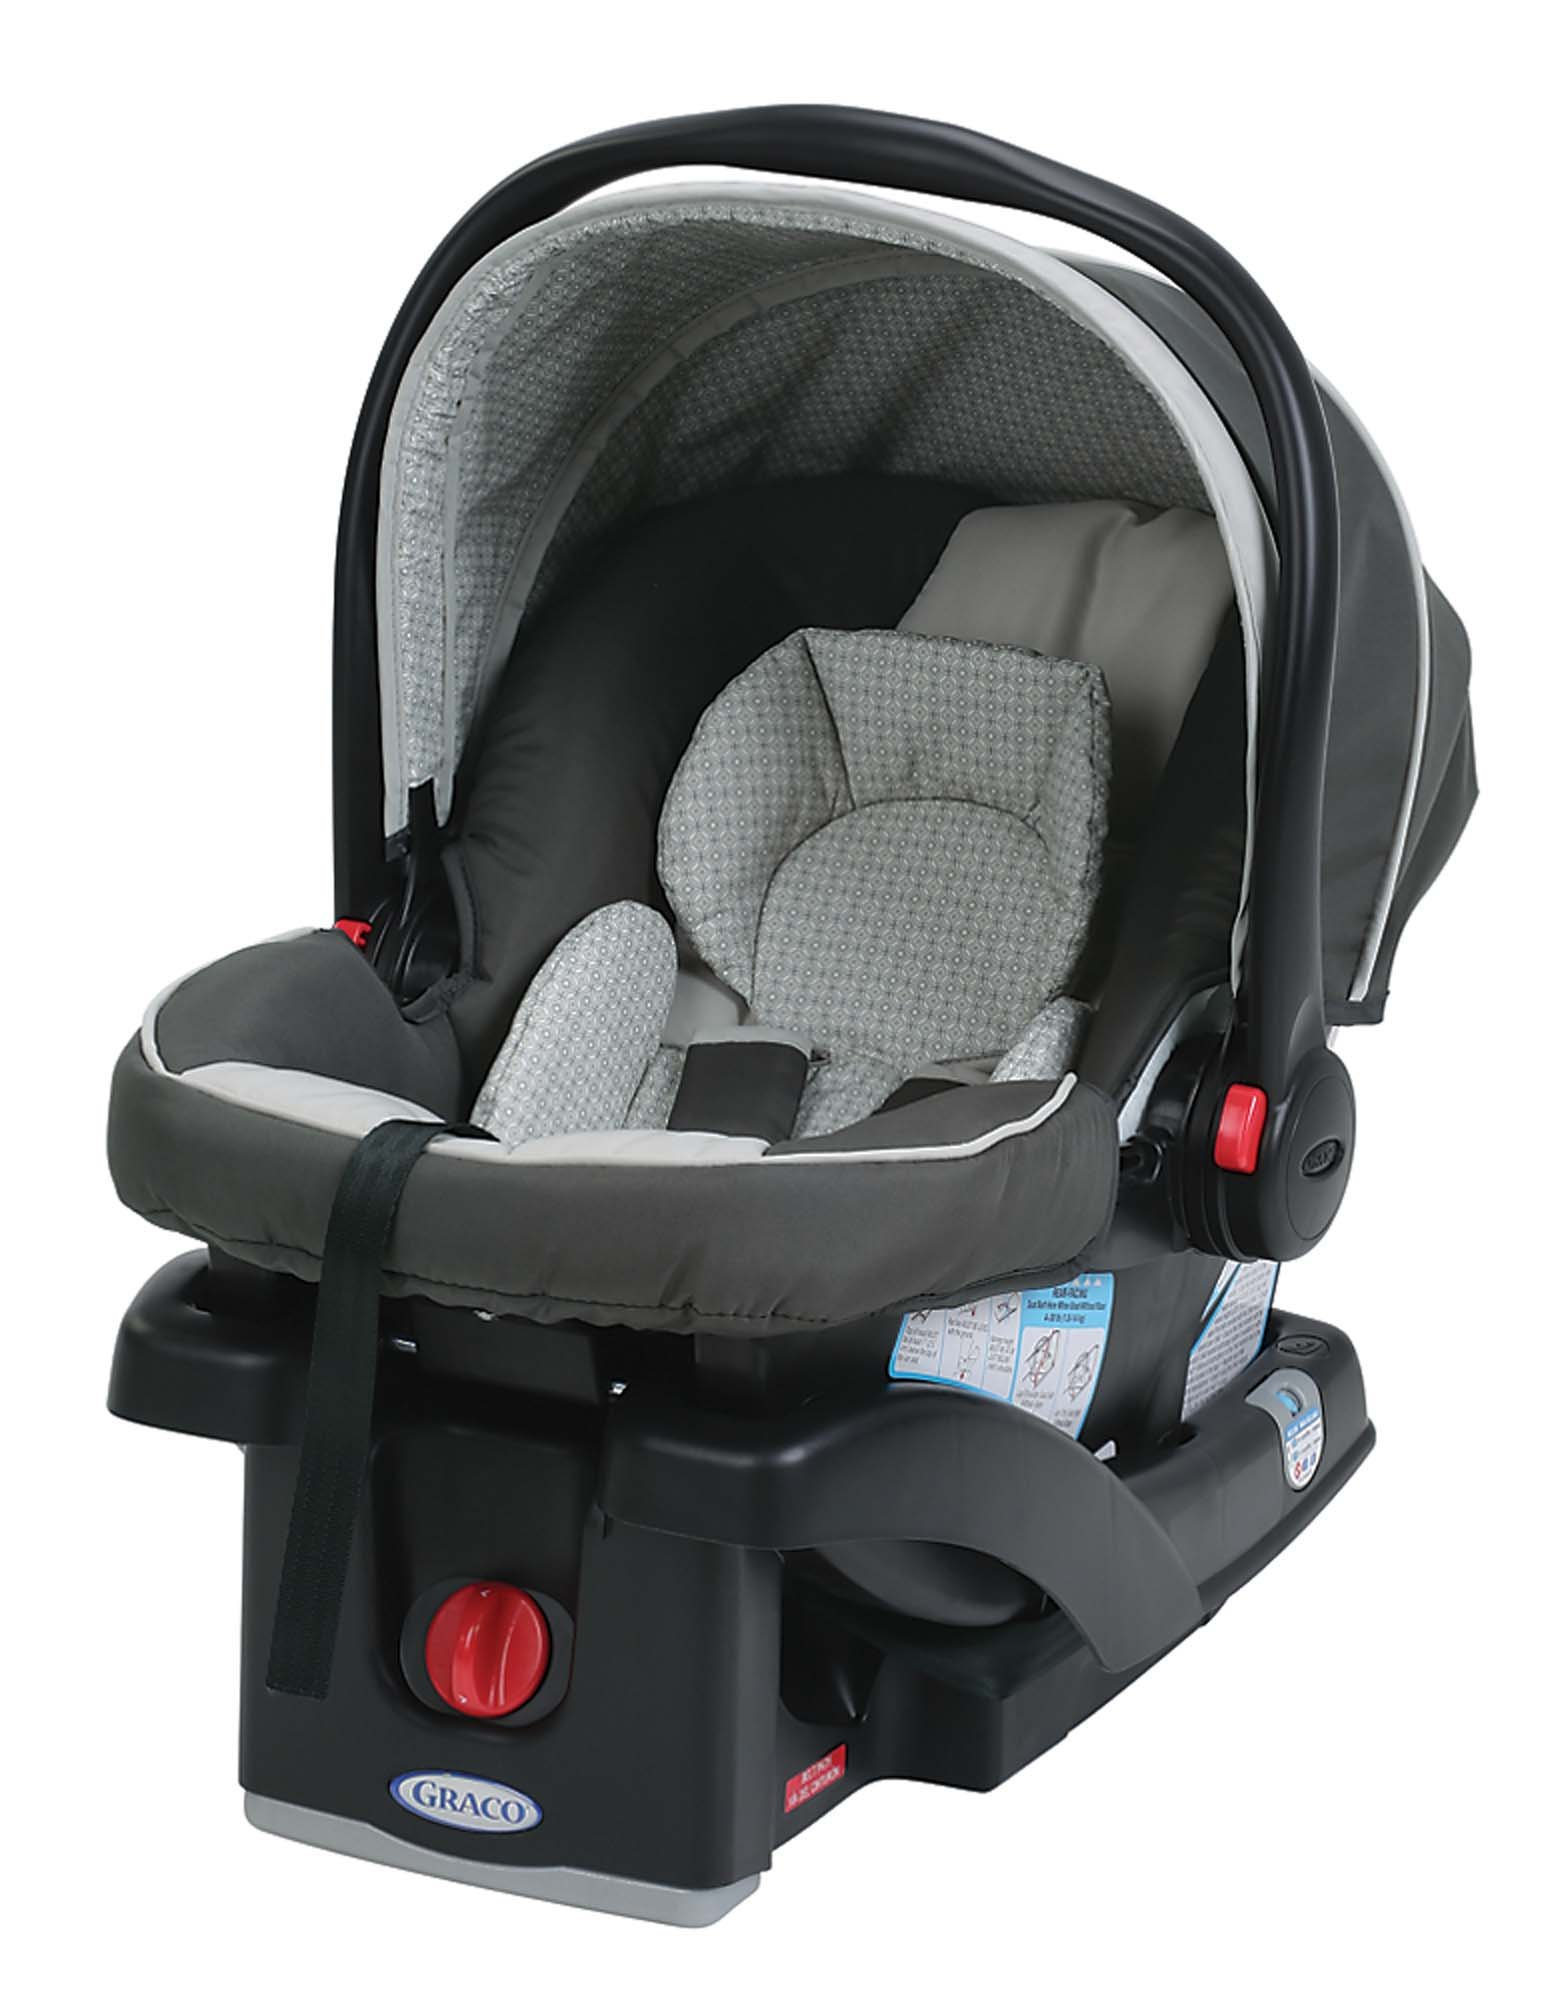 Graco SnugRide 30 LX Click Connect Infant Car Seat, Glacier